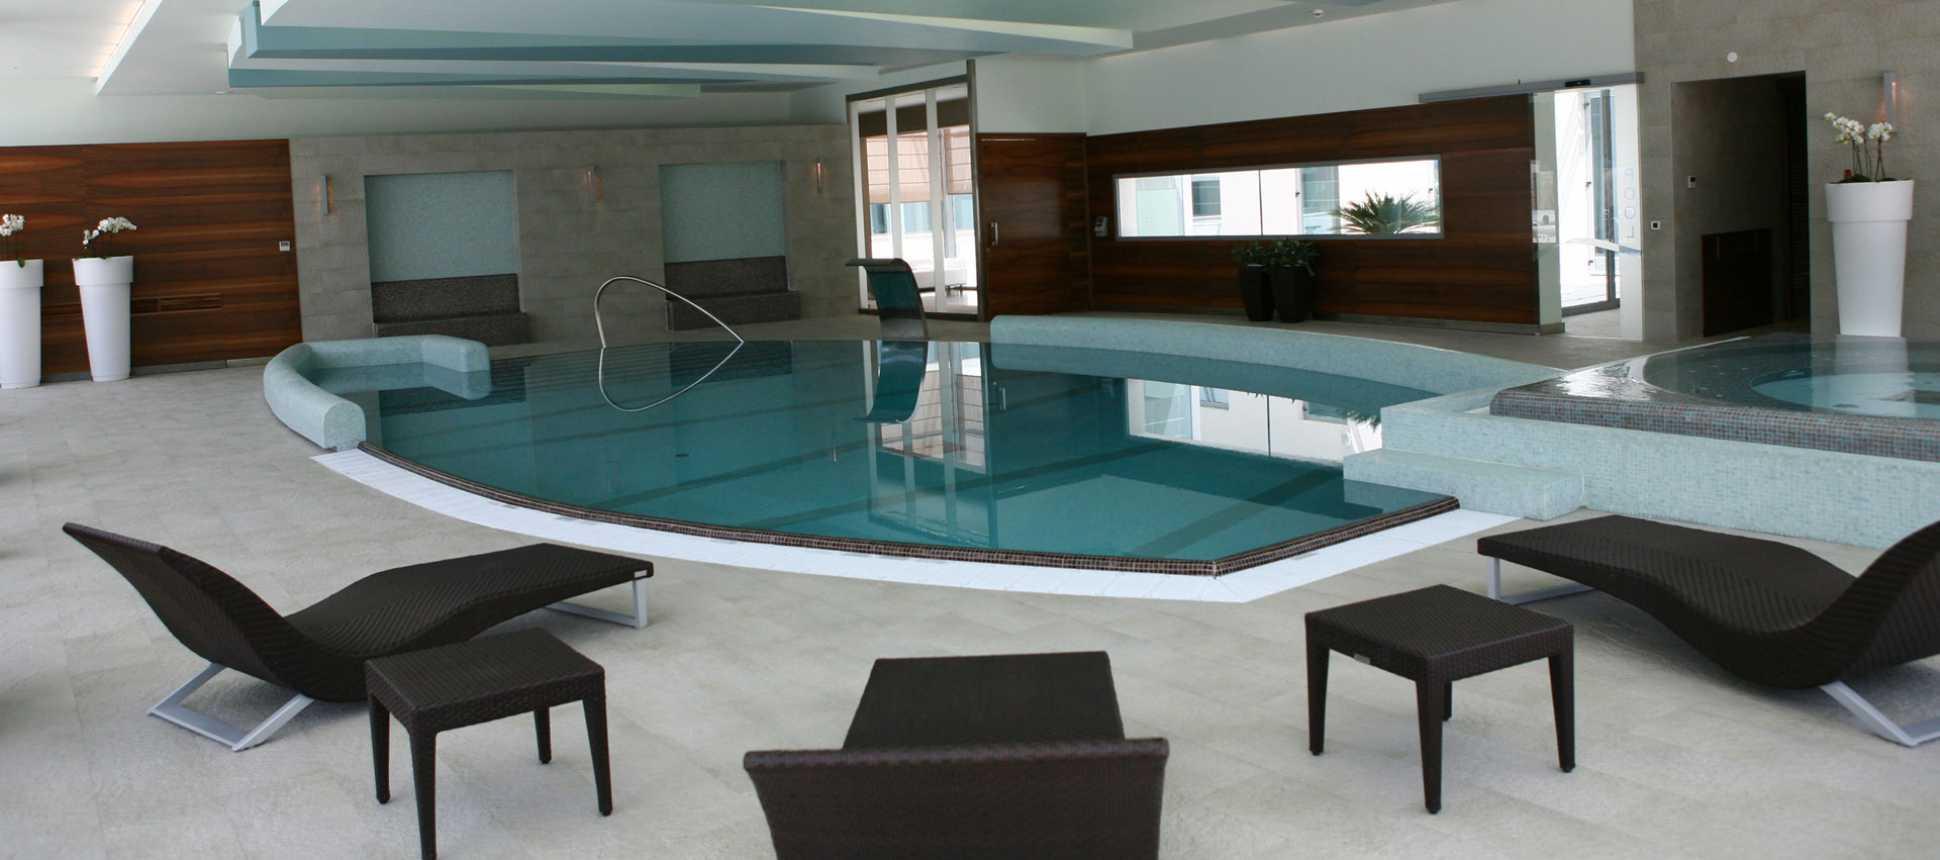 Schwimmbadsanierung Öffentliche Schwimmbecken